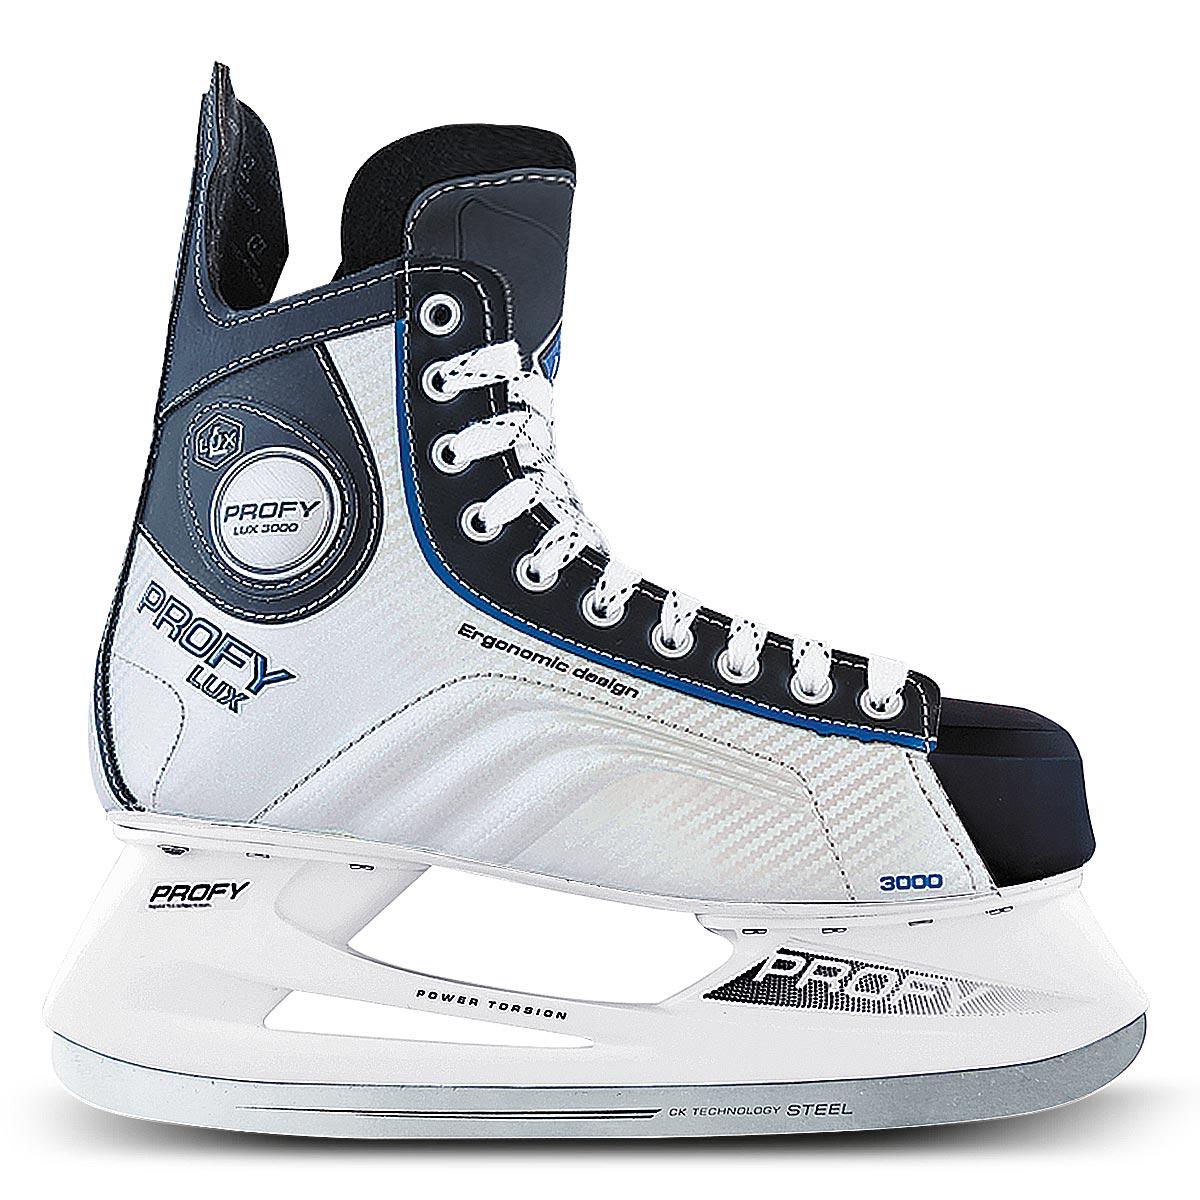 Коньки хоккейные мужские СК Profy Lux 3000, цвет: черный, серебряный, синий. Размер 42CALGARY_черный, серый_47Коньки хоккейные мужские СК Profy Lux 3000 прекрасно подойдут для профессиональных игроков в хоккей. Ботинок выполнен из морозоустойчивой искусственной кожи и специального резистентного ПВХ, а язычок - из двухслойного войлока и искусственной кожи. Слоевая композитная технология позволила изготовить ботинок, полностью обволакивающий ногу. Это обеспечивает прочную и удобную фиксацию ноги, повышает защиту от ударов. Ботинок изготовлен с учетом антропометрии стоп россиян, что обеспечивает комфорт и устойчивость ноги, правильное распределение нагрузки, сильно снижает травмоопасность. Конструкция носка ботинка, изготовленного из ударопрочного энергопоглощающего термопластичного полиуретана Hytrel® (DuPont), обеспечивает увеличенную надежность защиты передней части ступни от ударов. Усиленные боковины ботинка из формованного PVC укрепляют боковую часть ботинка и дополнительно защищают ступню от ударов за счет поглощения энергии. Тип застежки ботинок – классическая шнуровка. Стелька из упругого пенного полимерного материала EVA гарантирует комфортное положение ноги в ботинке, обеспечивает быструю адаптацию ботинка к индивидуальным формам ноги, не теряет упругости при изменении температуры и не разрушается от воздействия пота и влаги. Легкая прочная низкопрофильная полимерная подошва инжекционного формования практически без потерь передает энергию от толчка ноги к лезвию – быстрее набор скорости, резче повороты и остановки, острее чувство льда. Лезвие из нержавеющей стали 420J обеспечит превосходное скольжение.